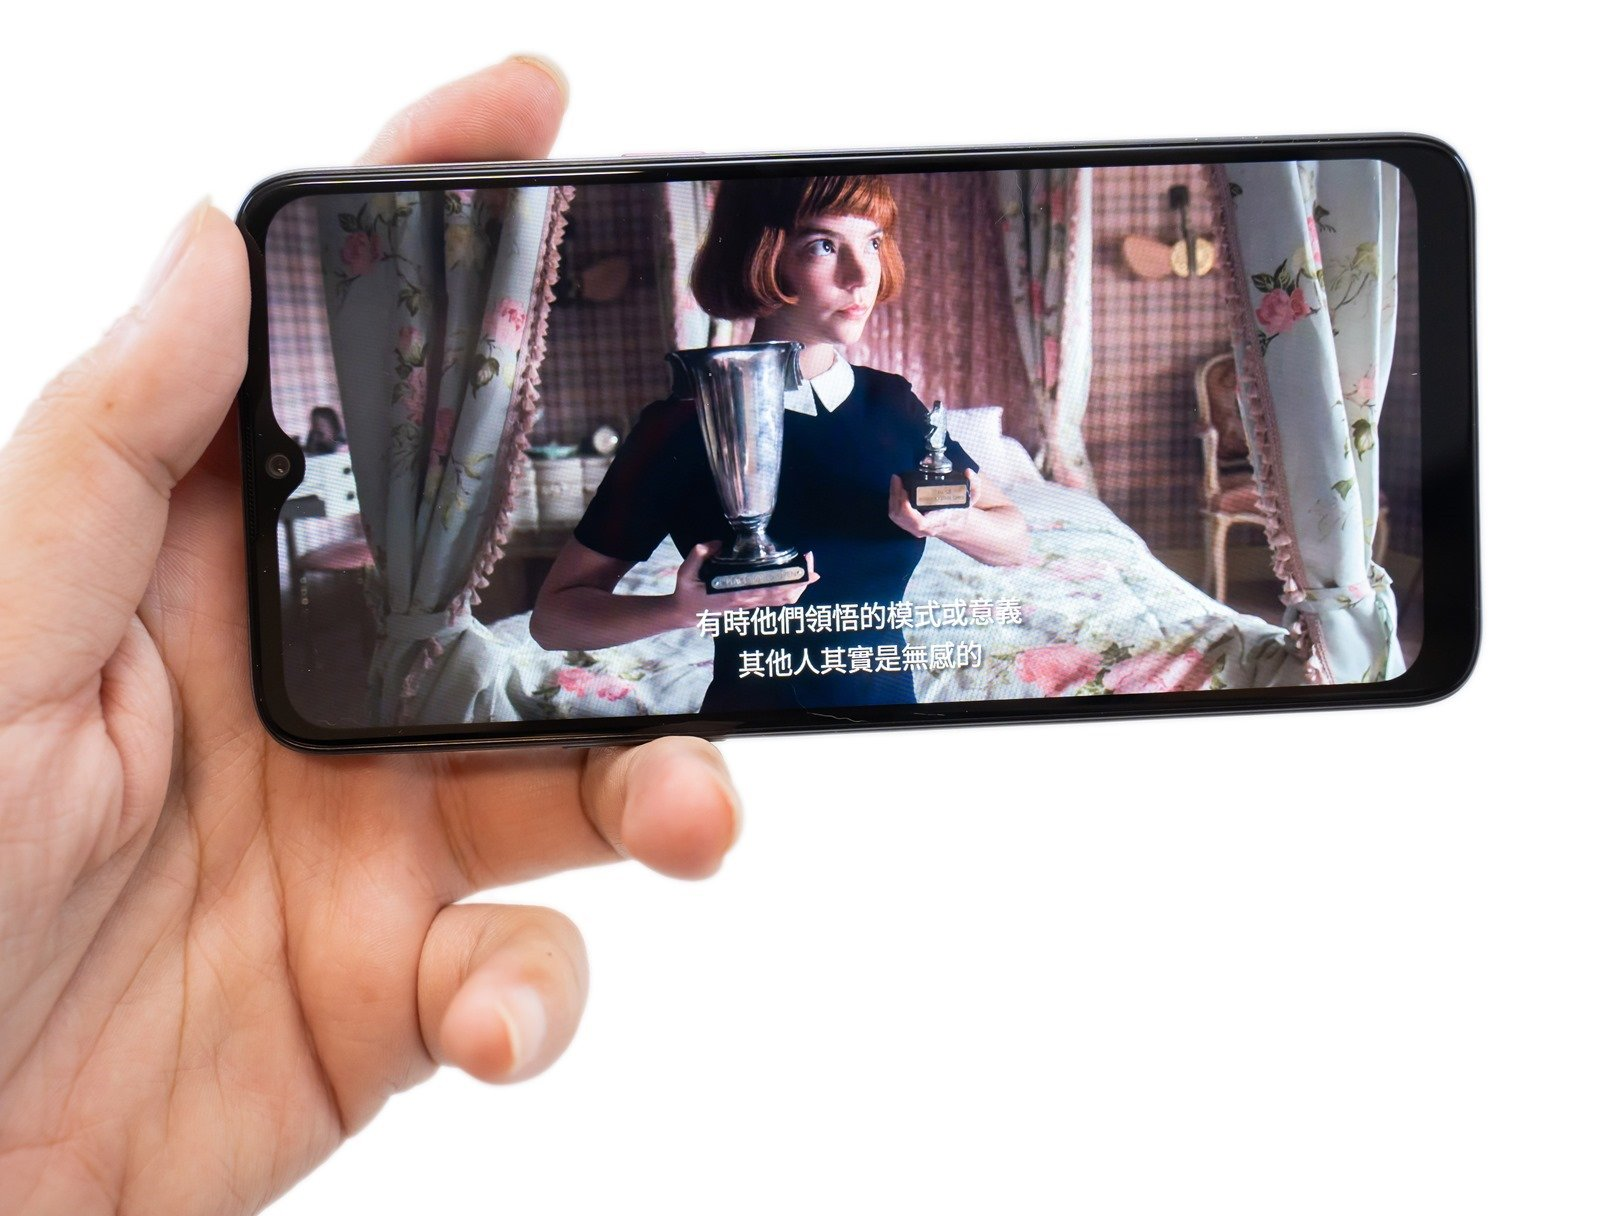 測過電力第一強實用新機 HTC Desire 20+ 開箱實測 / 性能遊戲實測 / 電力續航 / 充電速度 / 相機實拍 @3C 達人廖阿輝